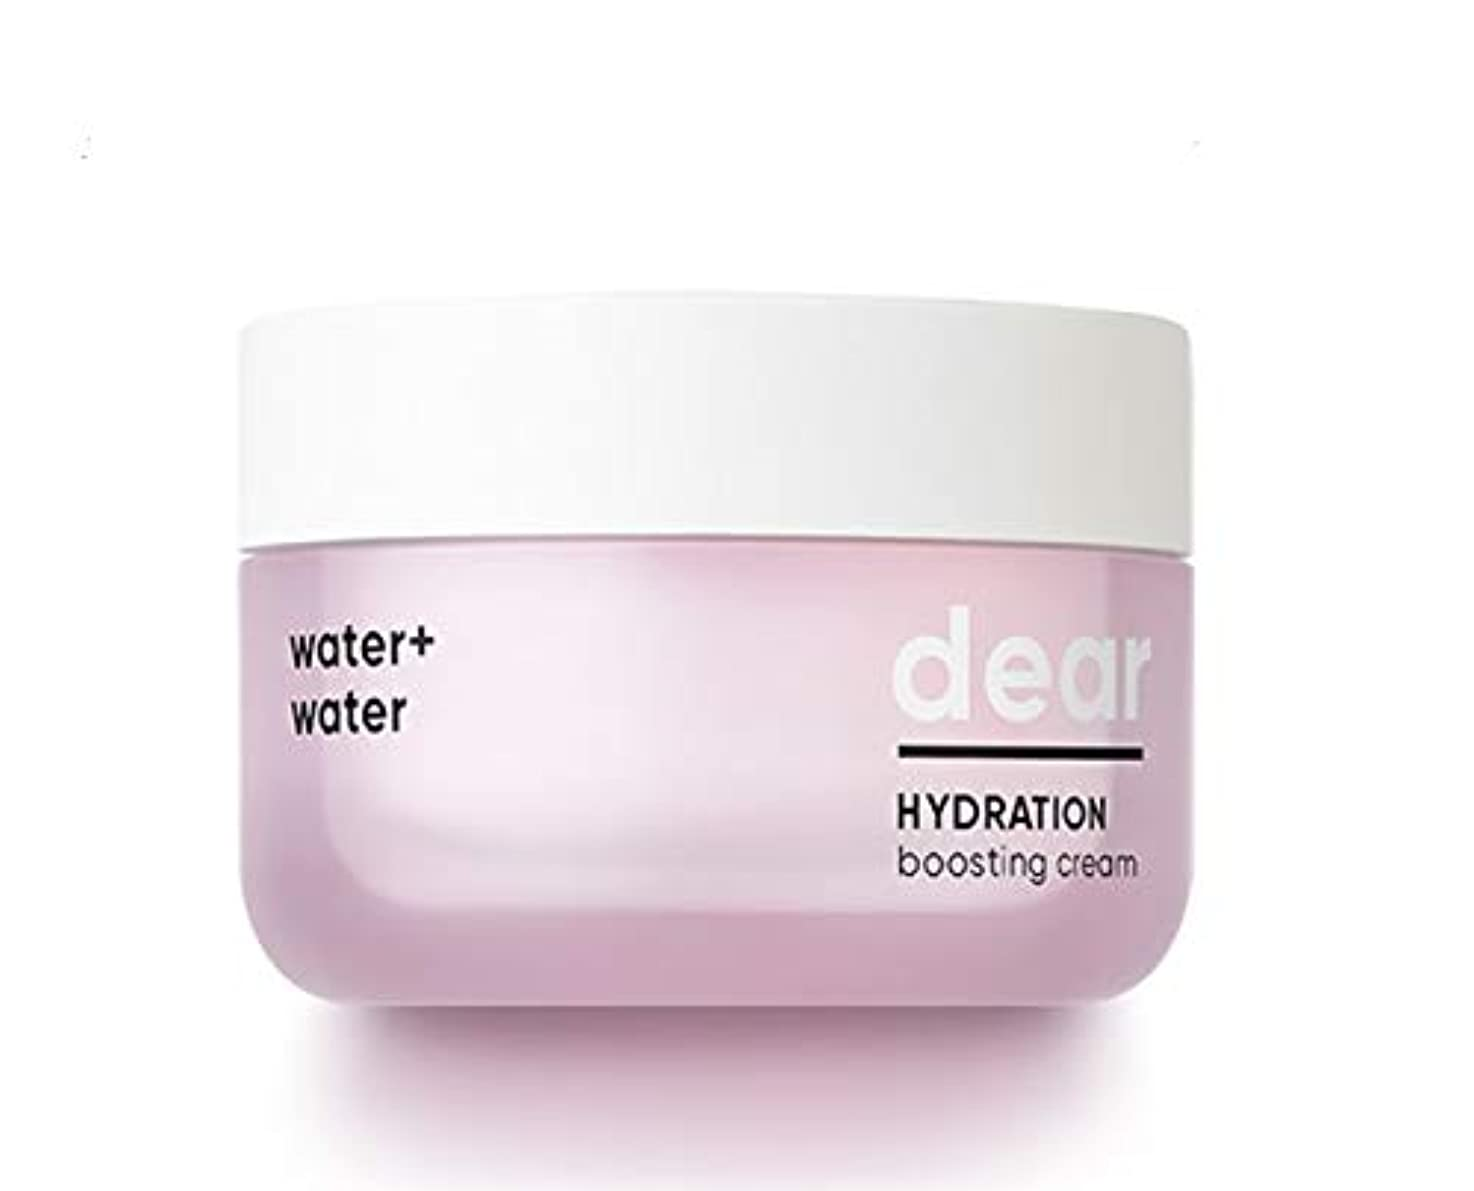 グラフィックデクリメント天窓[New] BANILA CO dear Hydration Boosting Cream 50ml / (Banila co) パニルラ鼻ディアハイドゥレイションブースティングクリーム50ml [並行輸入品]